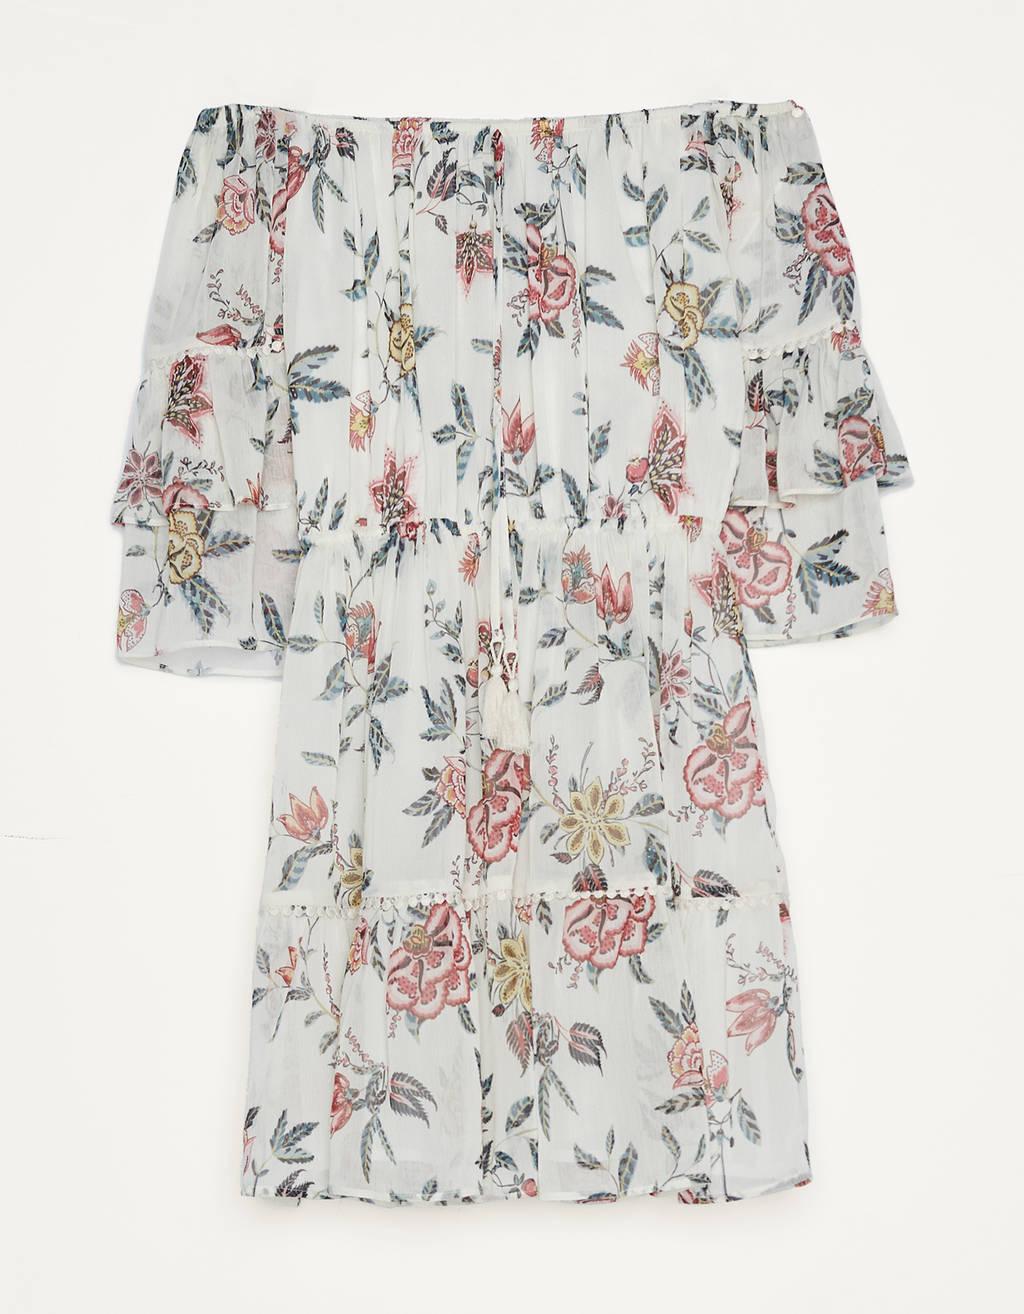 Vestido corto de flores con escote bardot, manga 3/4 con volantes y cintura elástica.